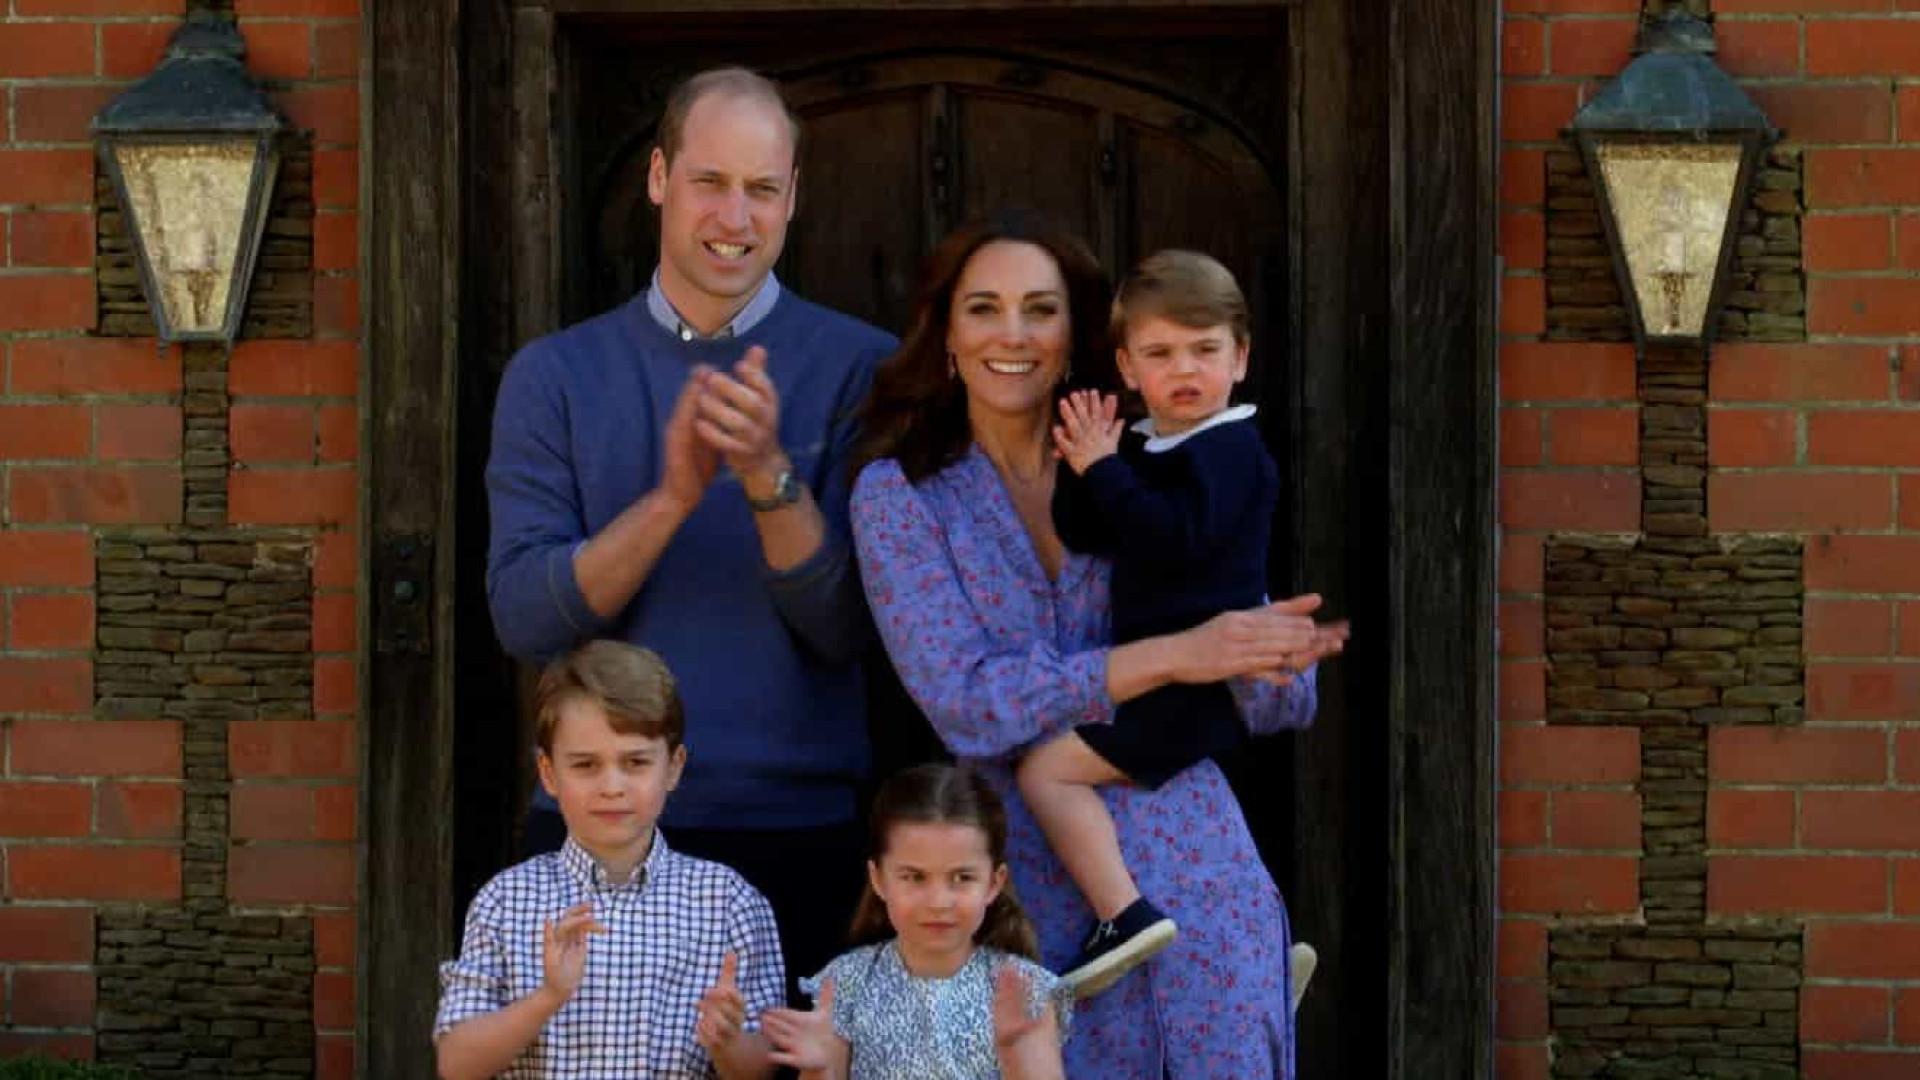 principe william admite ter problemas com os filhos durante as refeicoes principe william admite ter problemas